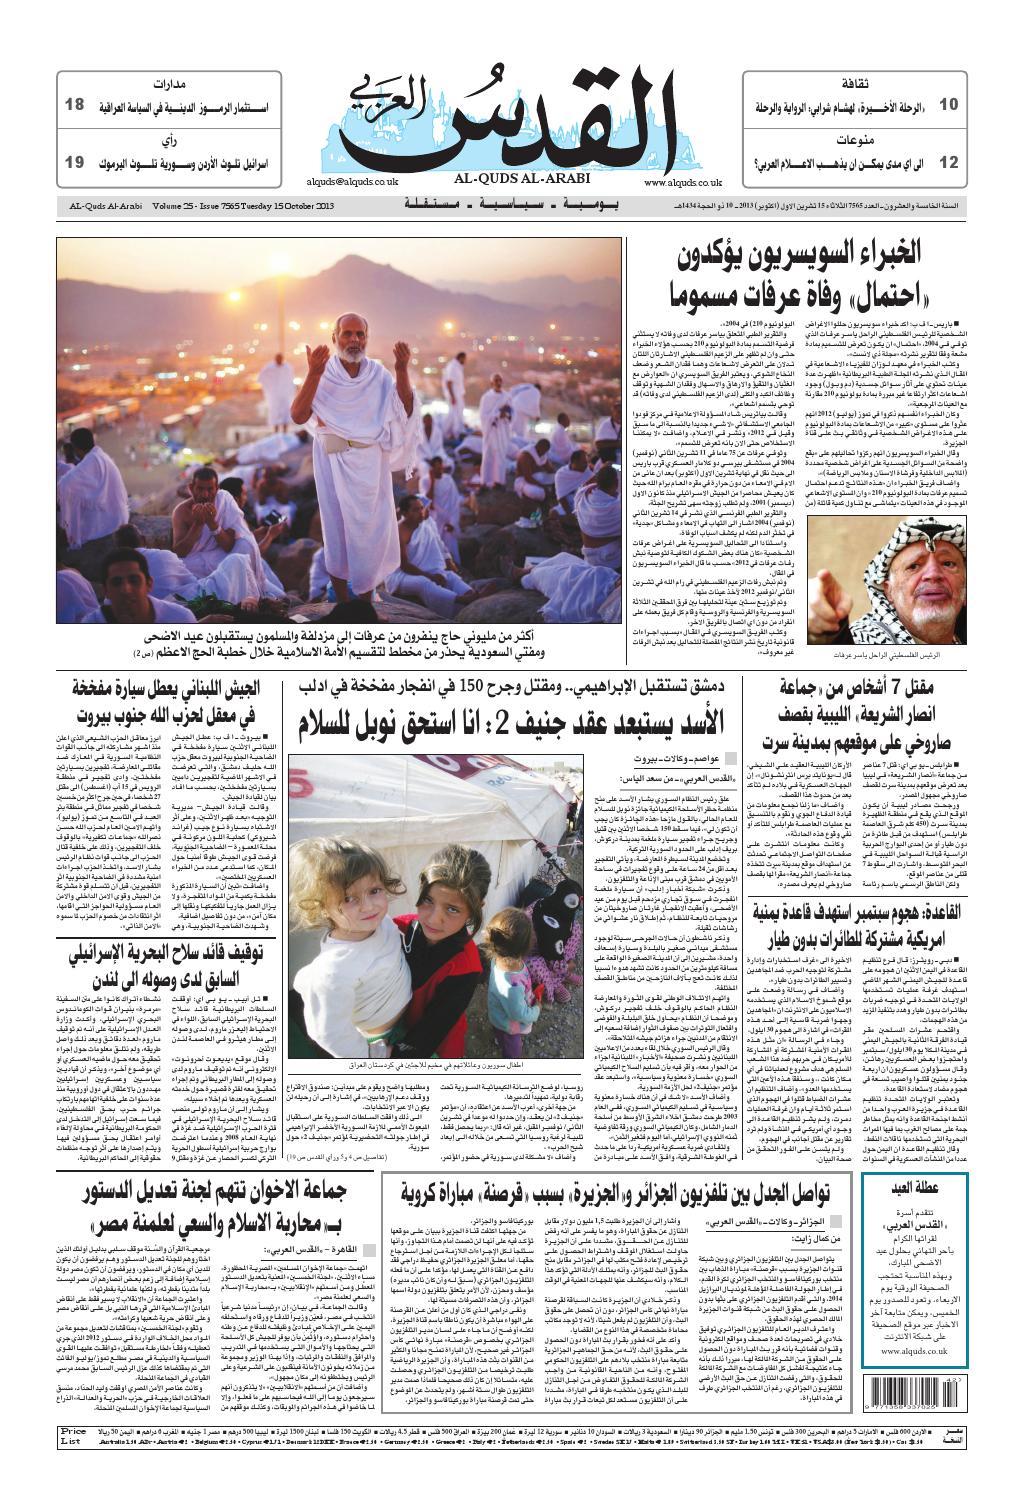 414cd5214 صحيفة القدس العربي , الثلاثاء 15.10.2013 by مركز الحدث - issuu